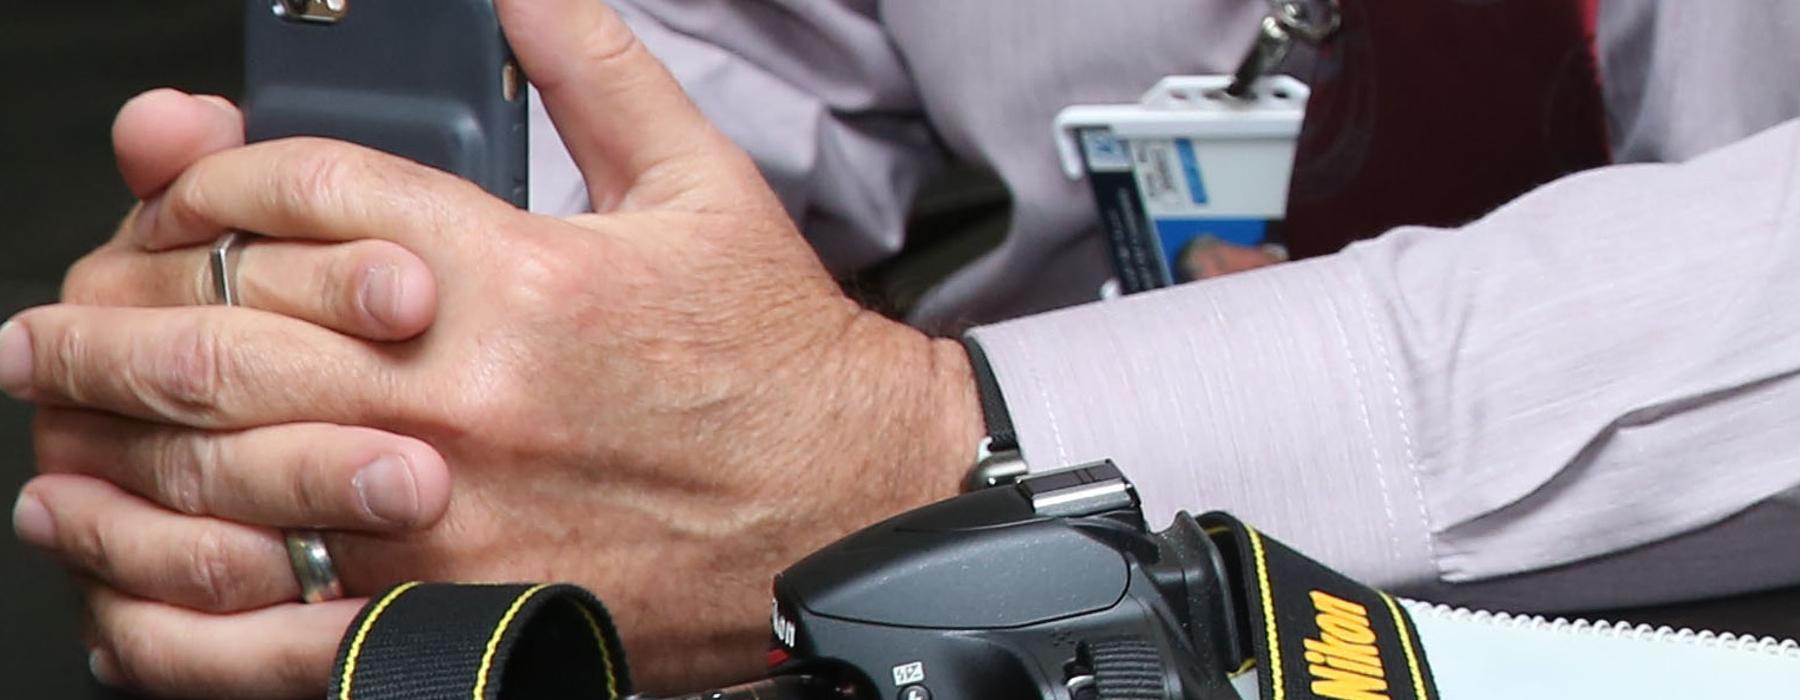 Journalist mit Handy und Kamera